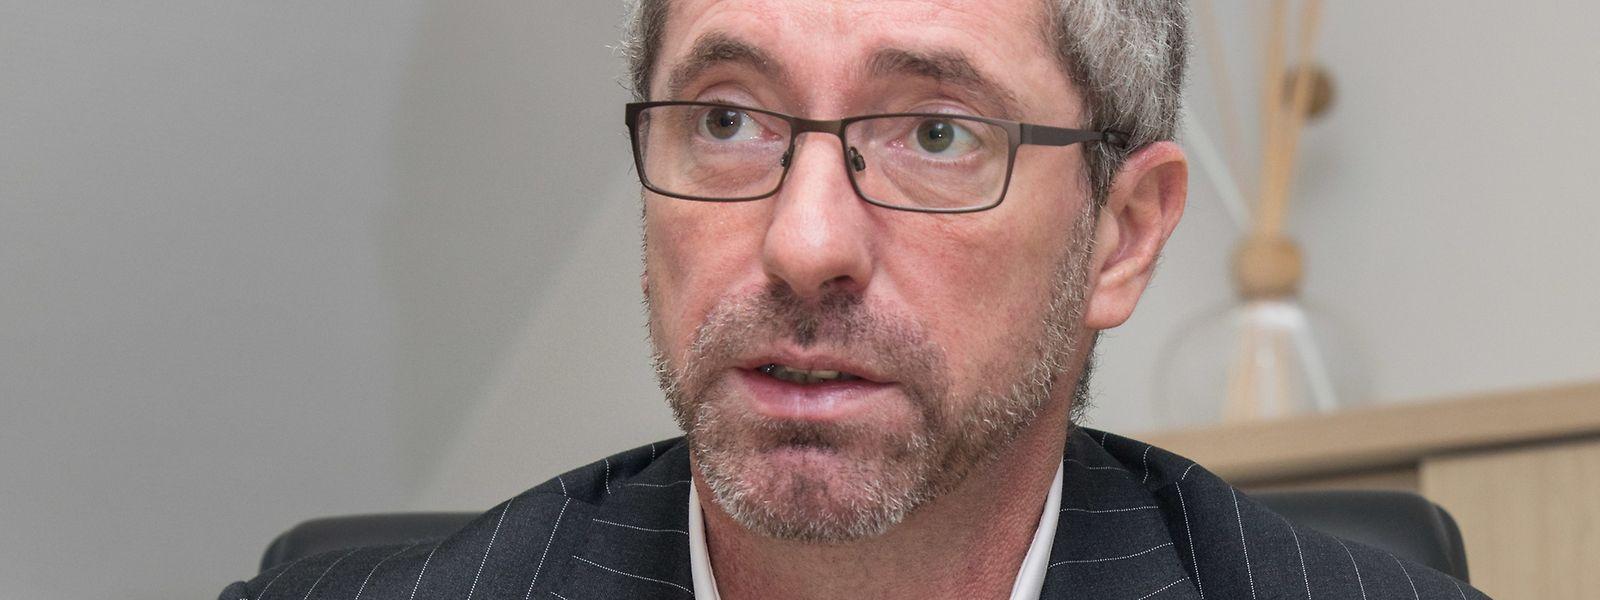 """Der Europaabgeordnete und neue CSV-Parteichef Frank Engel will im Hinblick auf die anstehenden Europawahlen """"ein Zeichen setzen""""."""